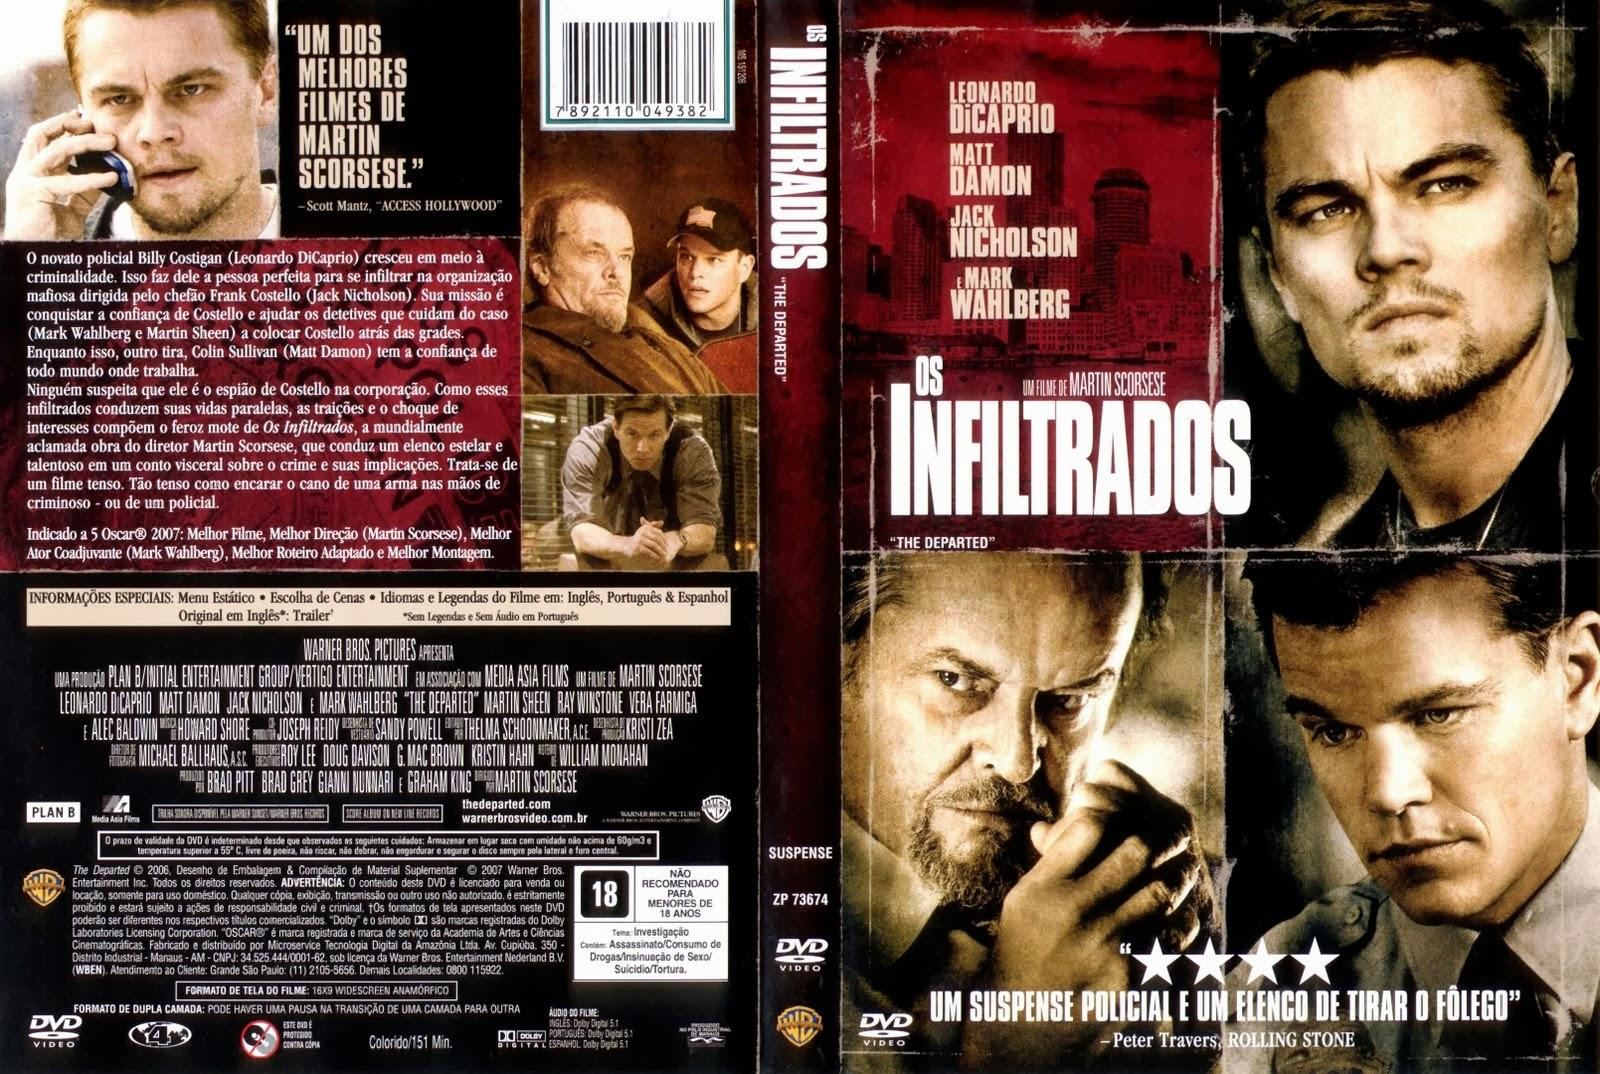 1057º - OS INFILTRADOS (2006)